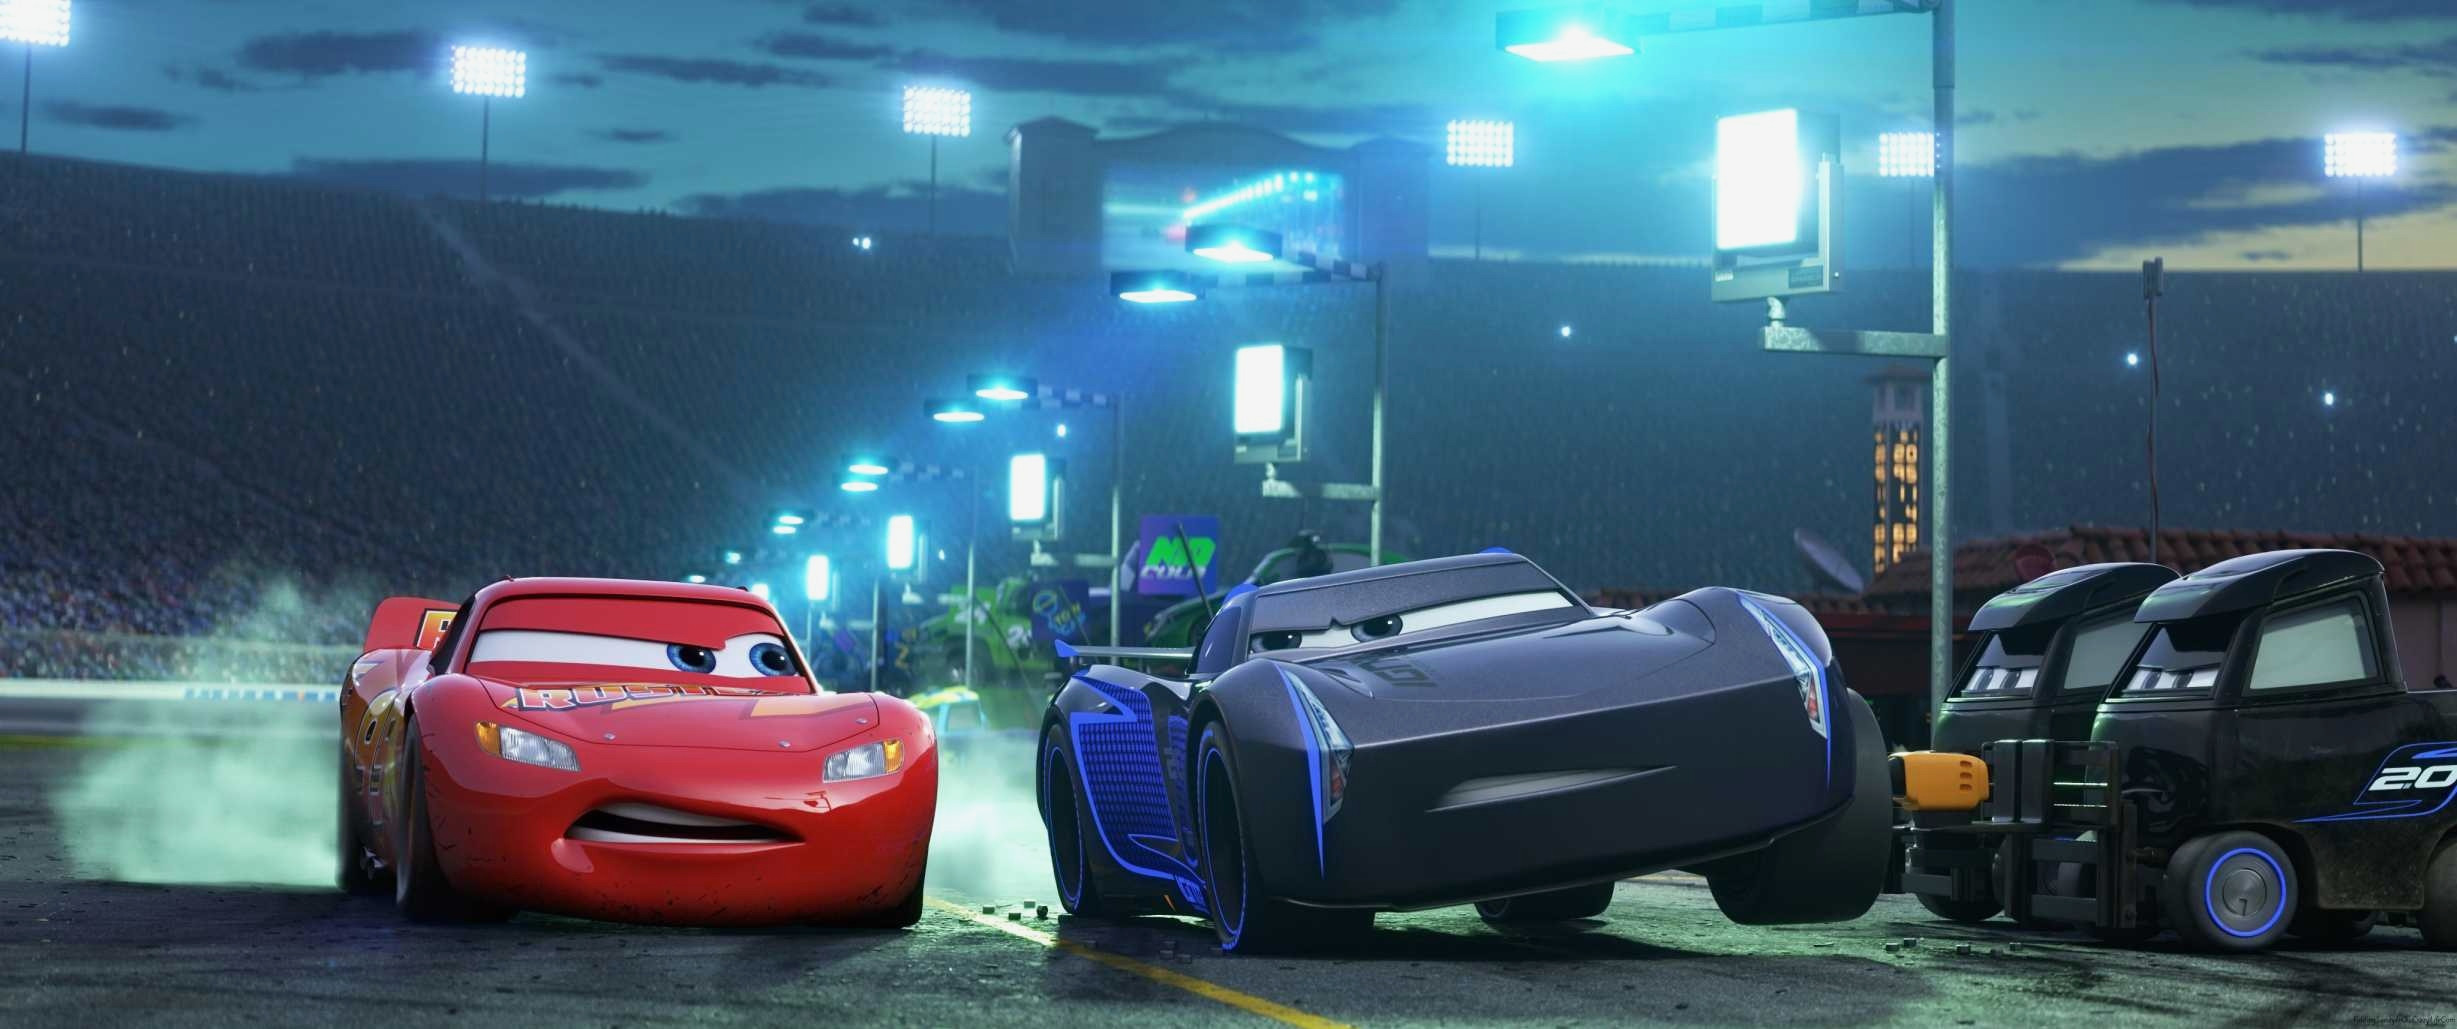 Lightning Mcqueen Ausmalbilder Neu Ausmalbilder Cars 3 Verschiedene Bilder Färben Fresh Disney Cars 3 Bild